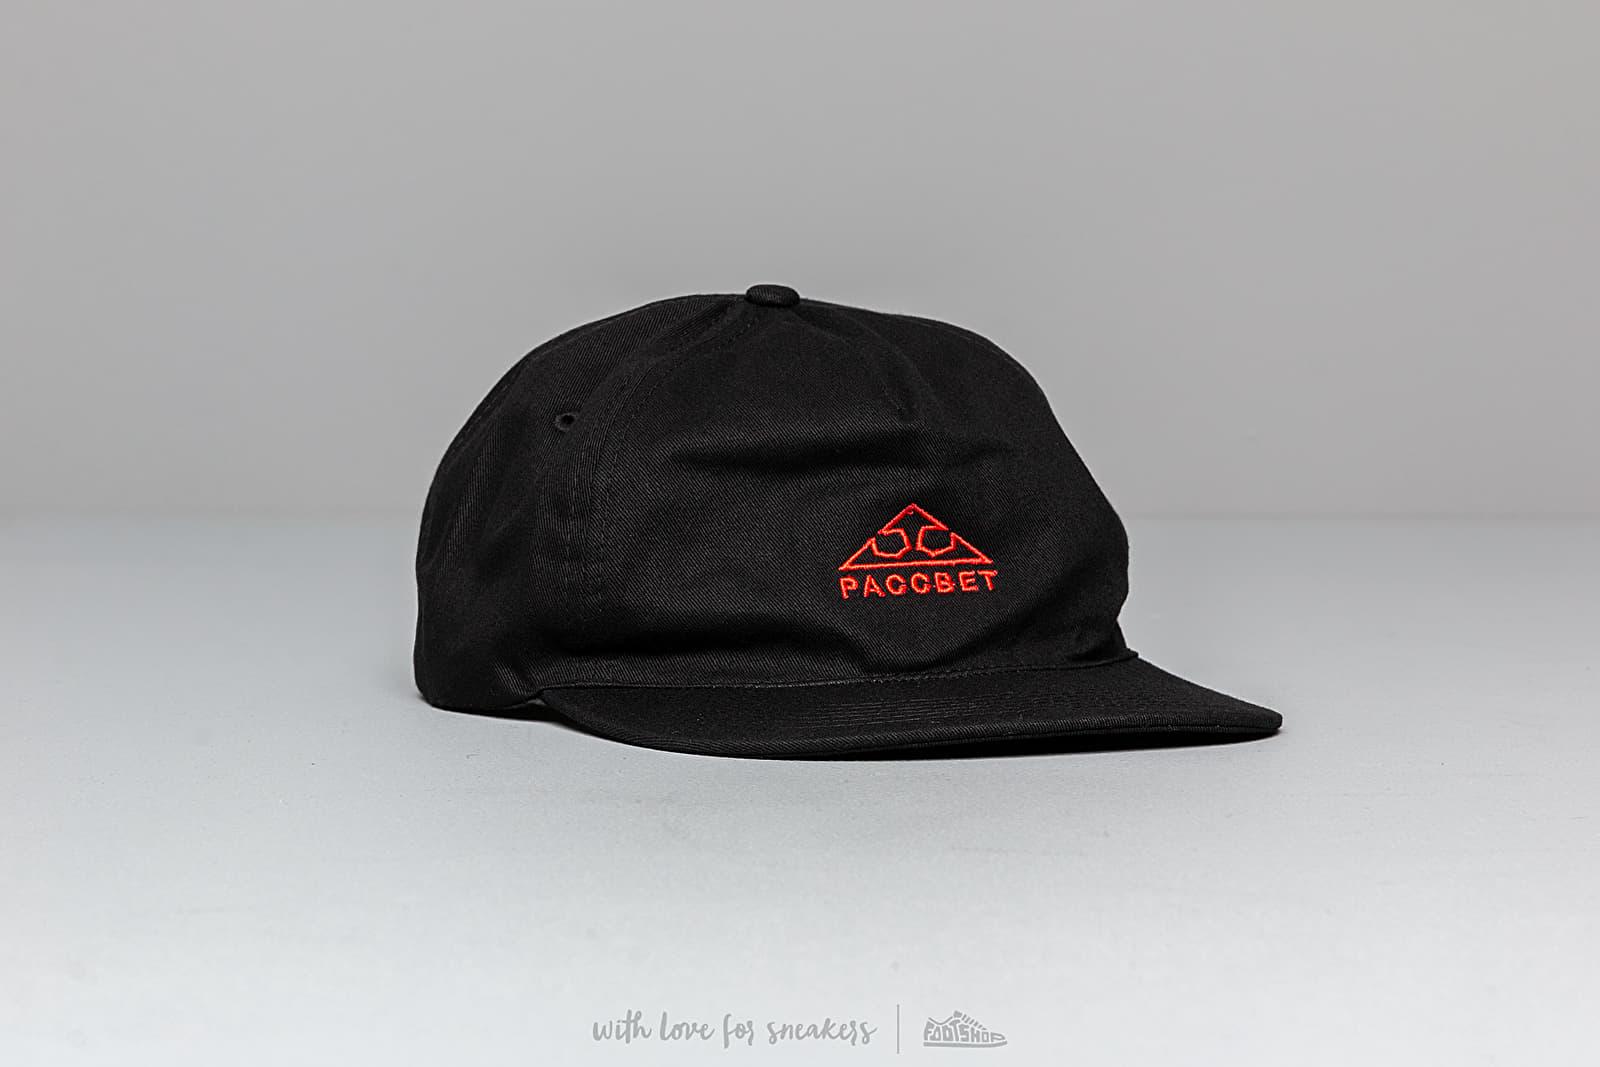 PACCBET Main Cap Black